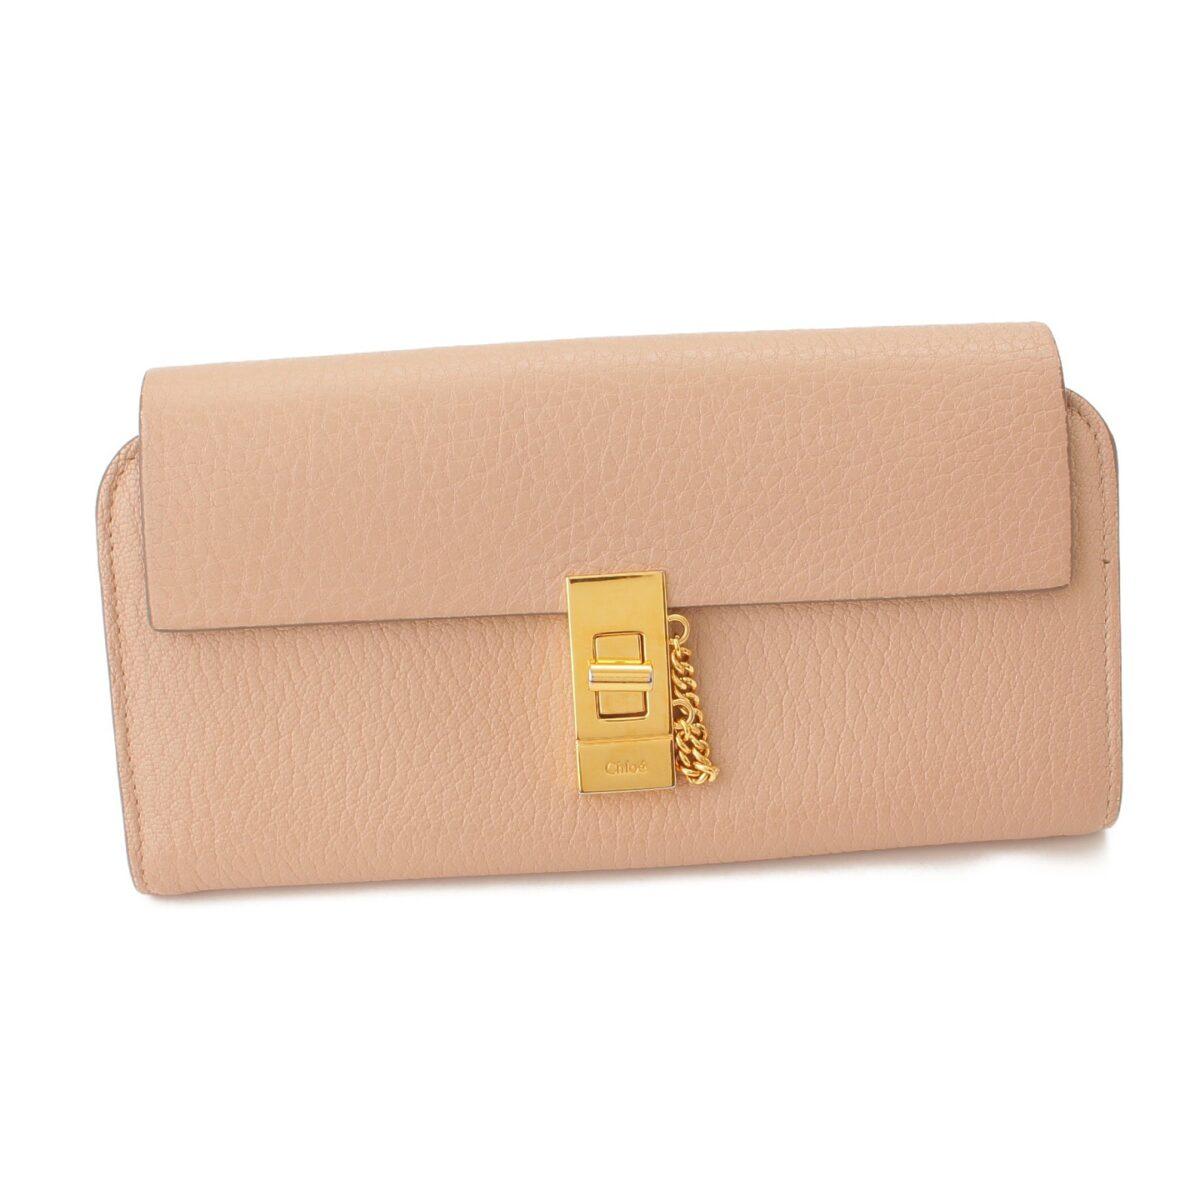 クロエ ドリュー 折財布 ※内側に変色あり